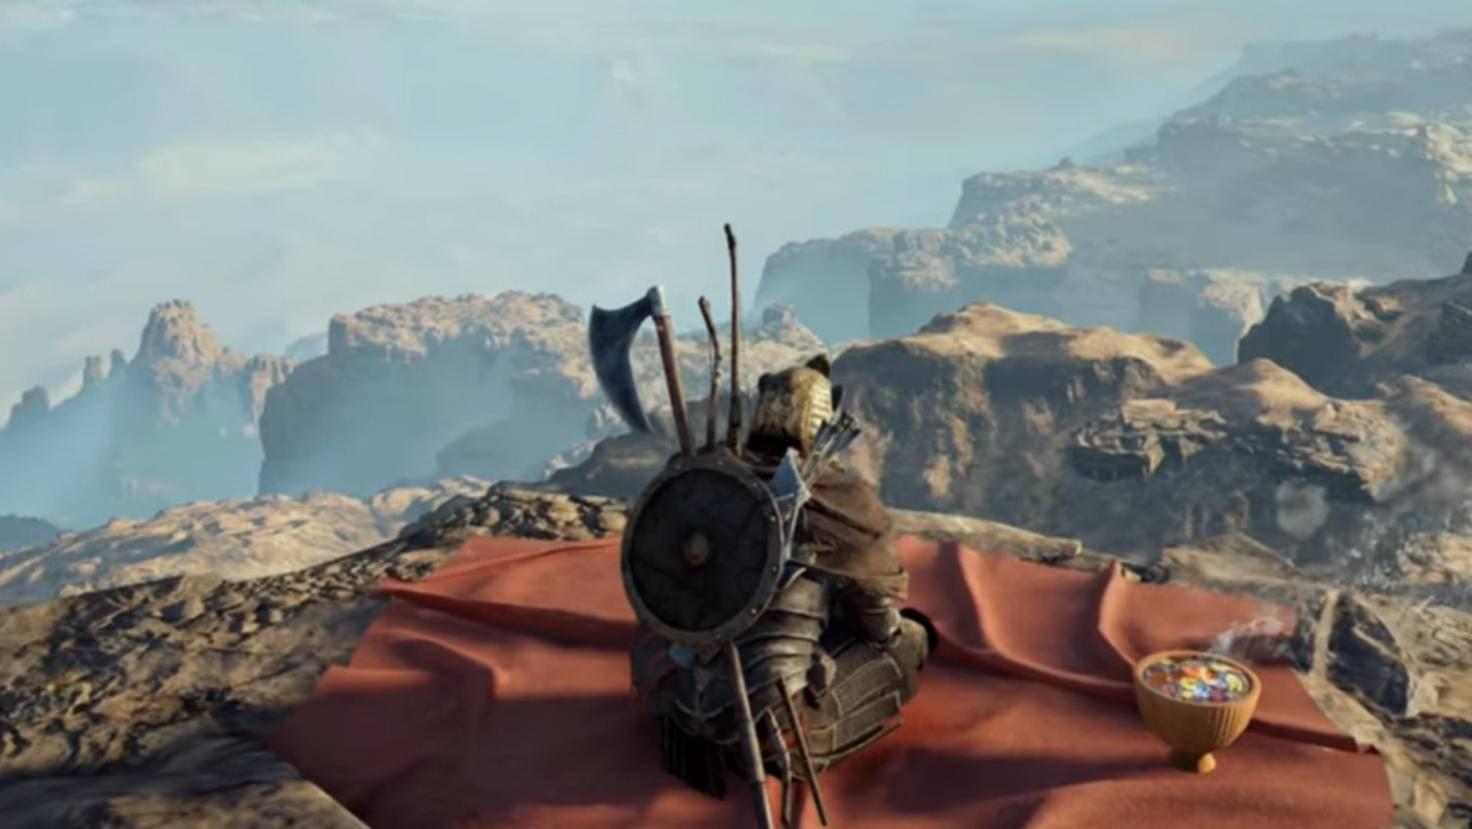 In der Schwarzen Wüste entschädigt ein atemberaubender Ausblick für die Klettertour zum Eremiten-Schauplatz.